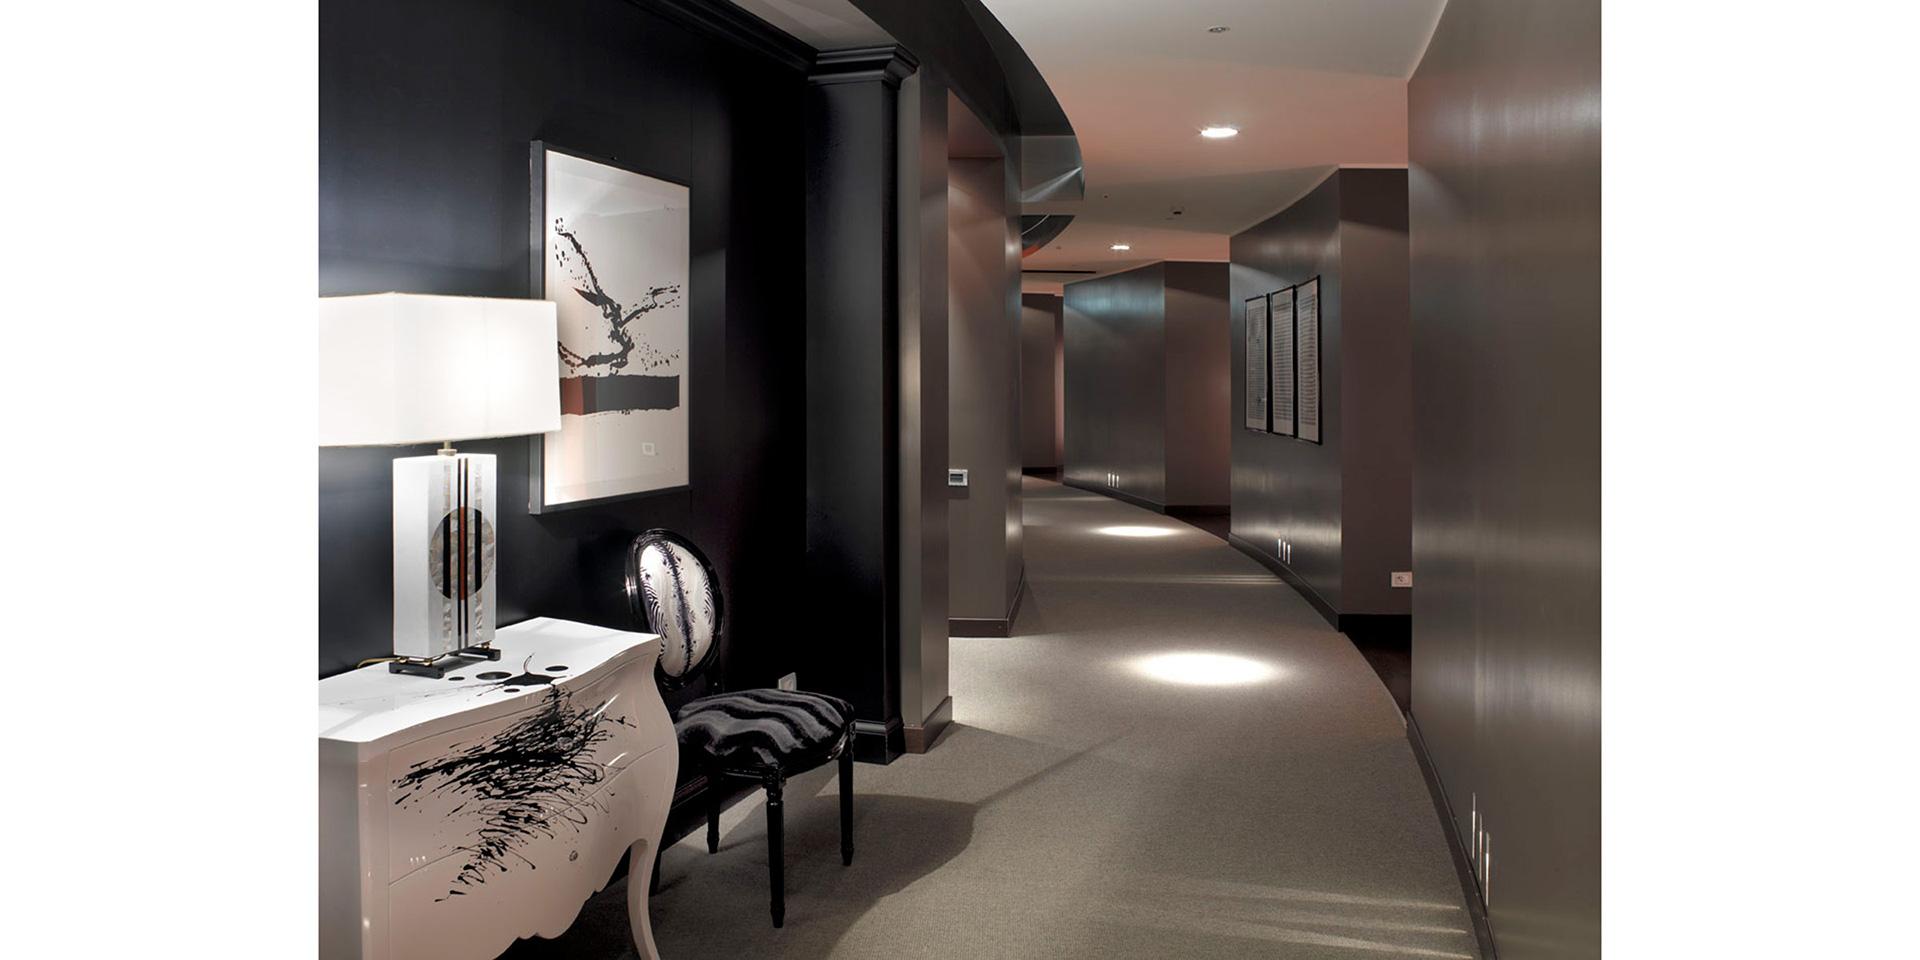 archinow_IXO_hotel-ixo_04